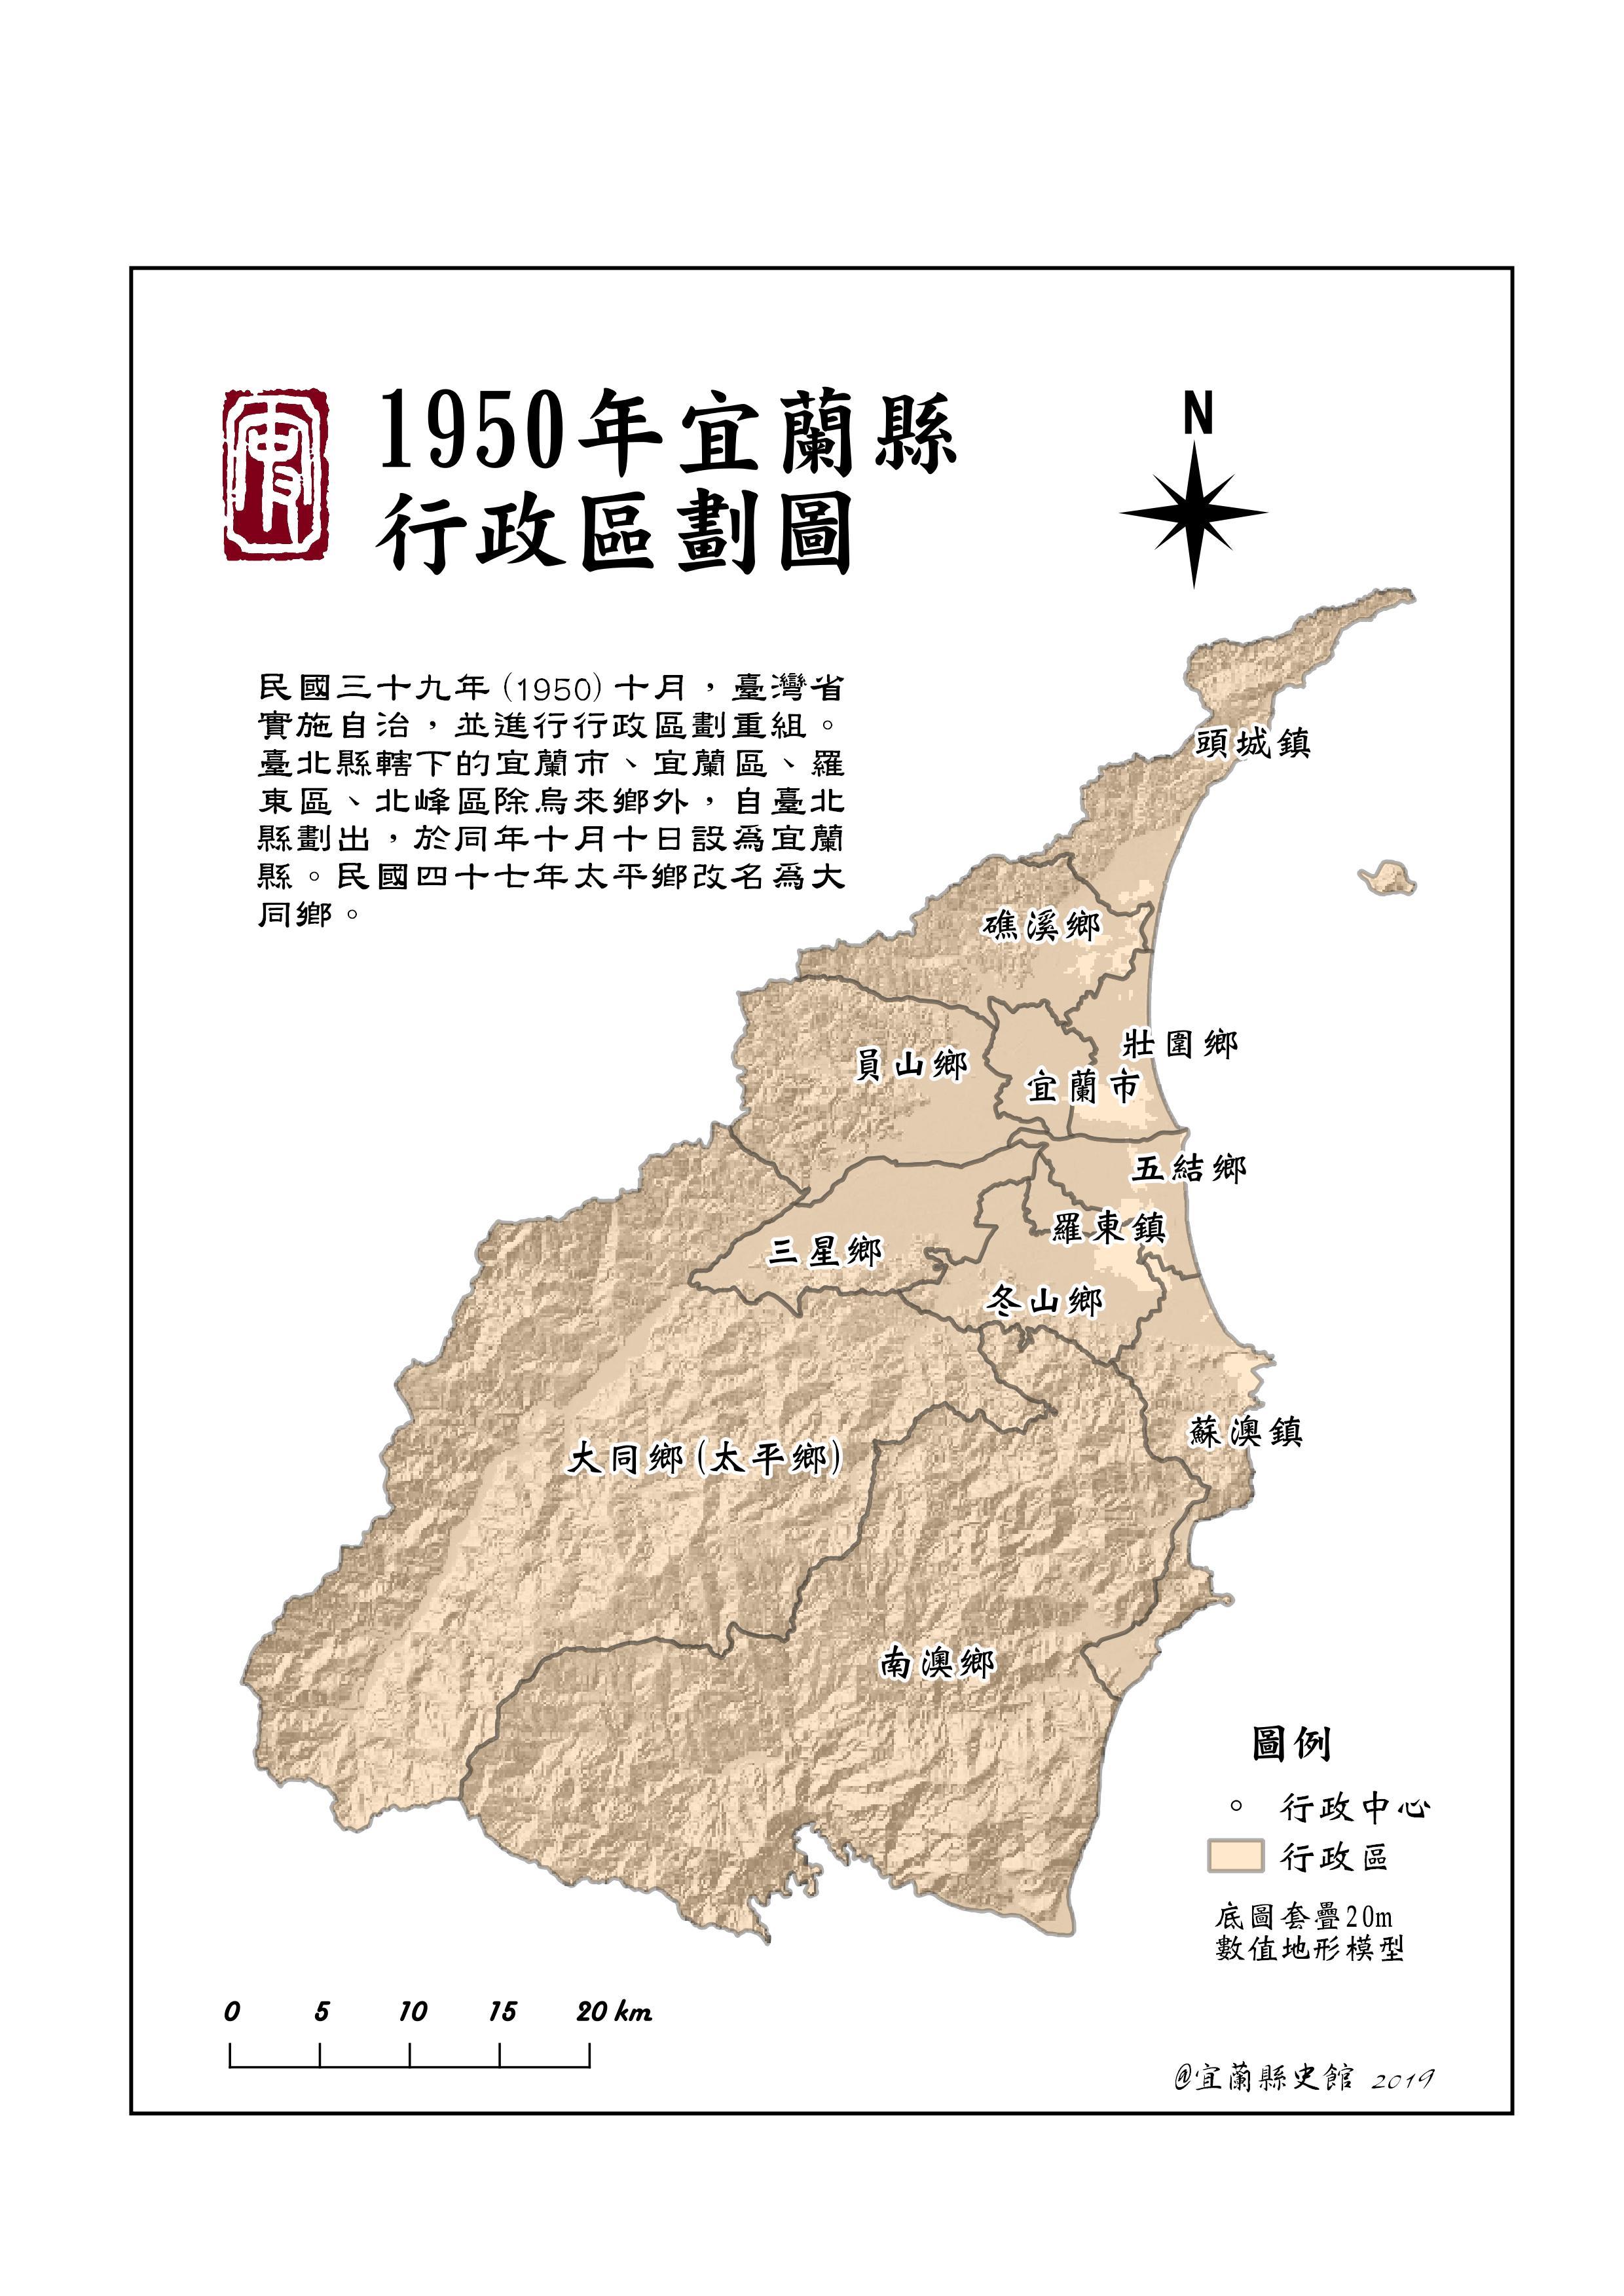 1950宜蘭縣行政區劃圖